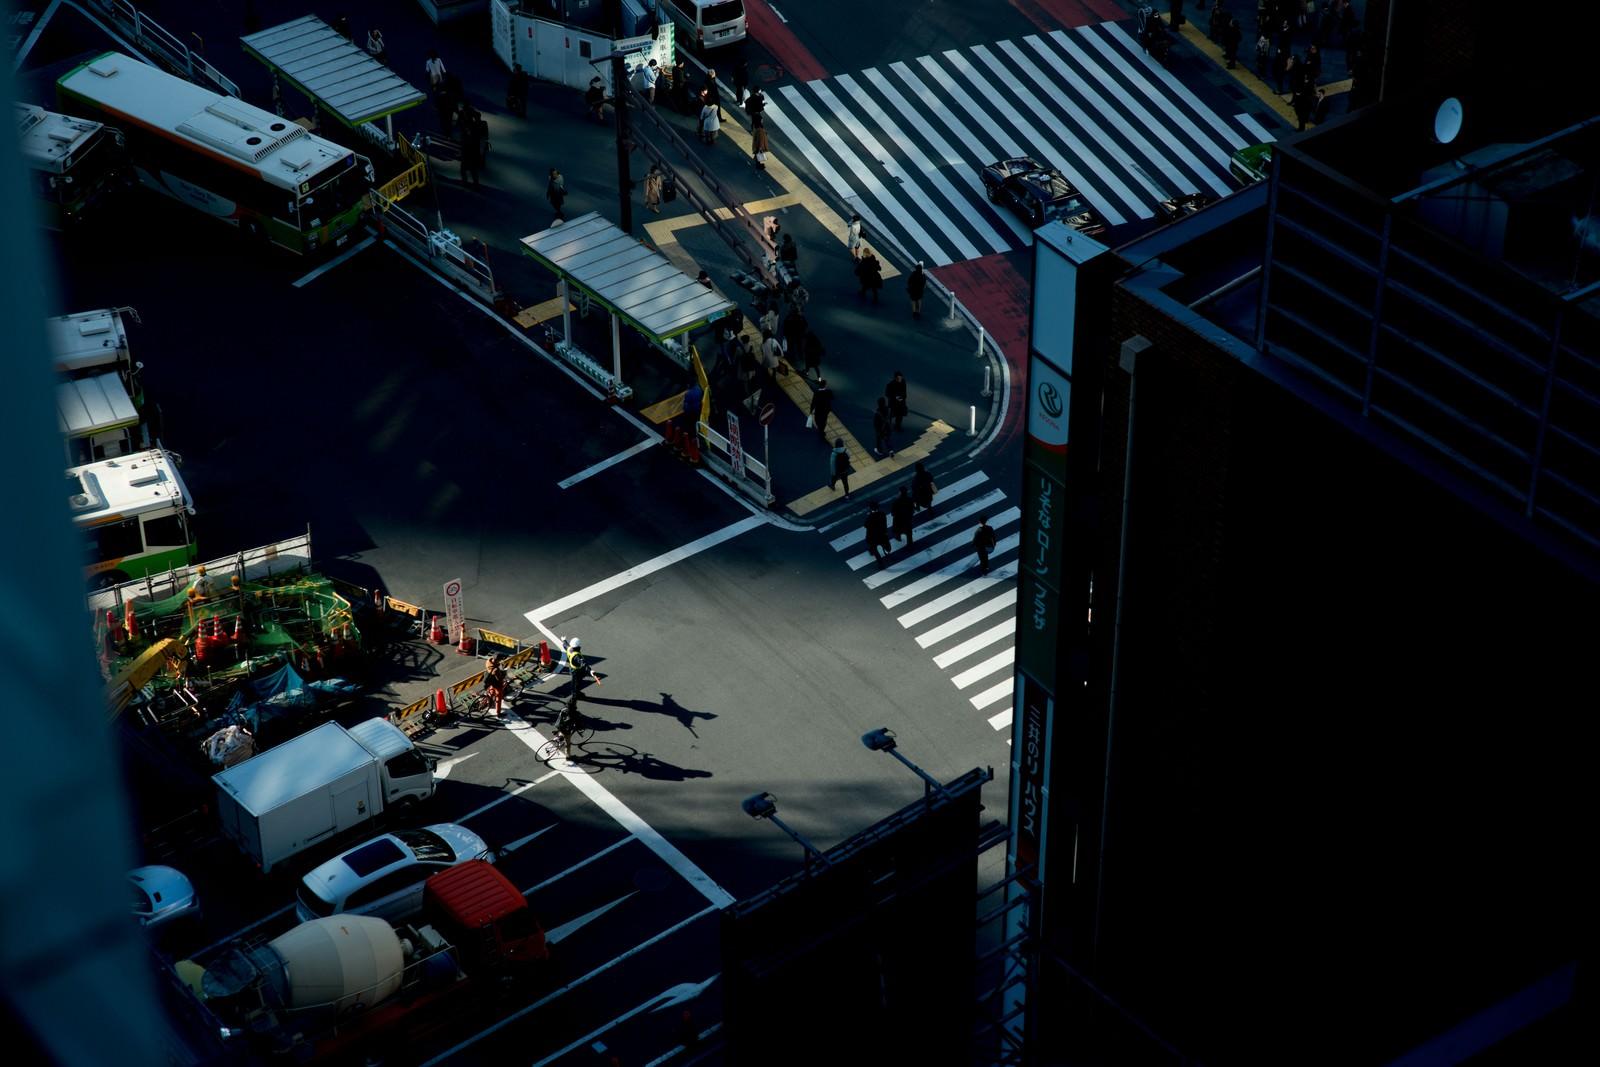 「渋谷駅工事の交通整理」の写真